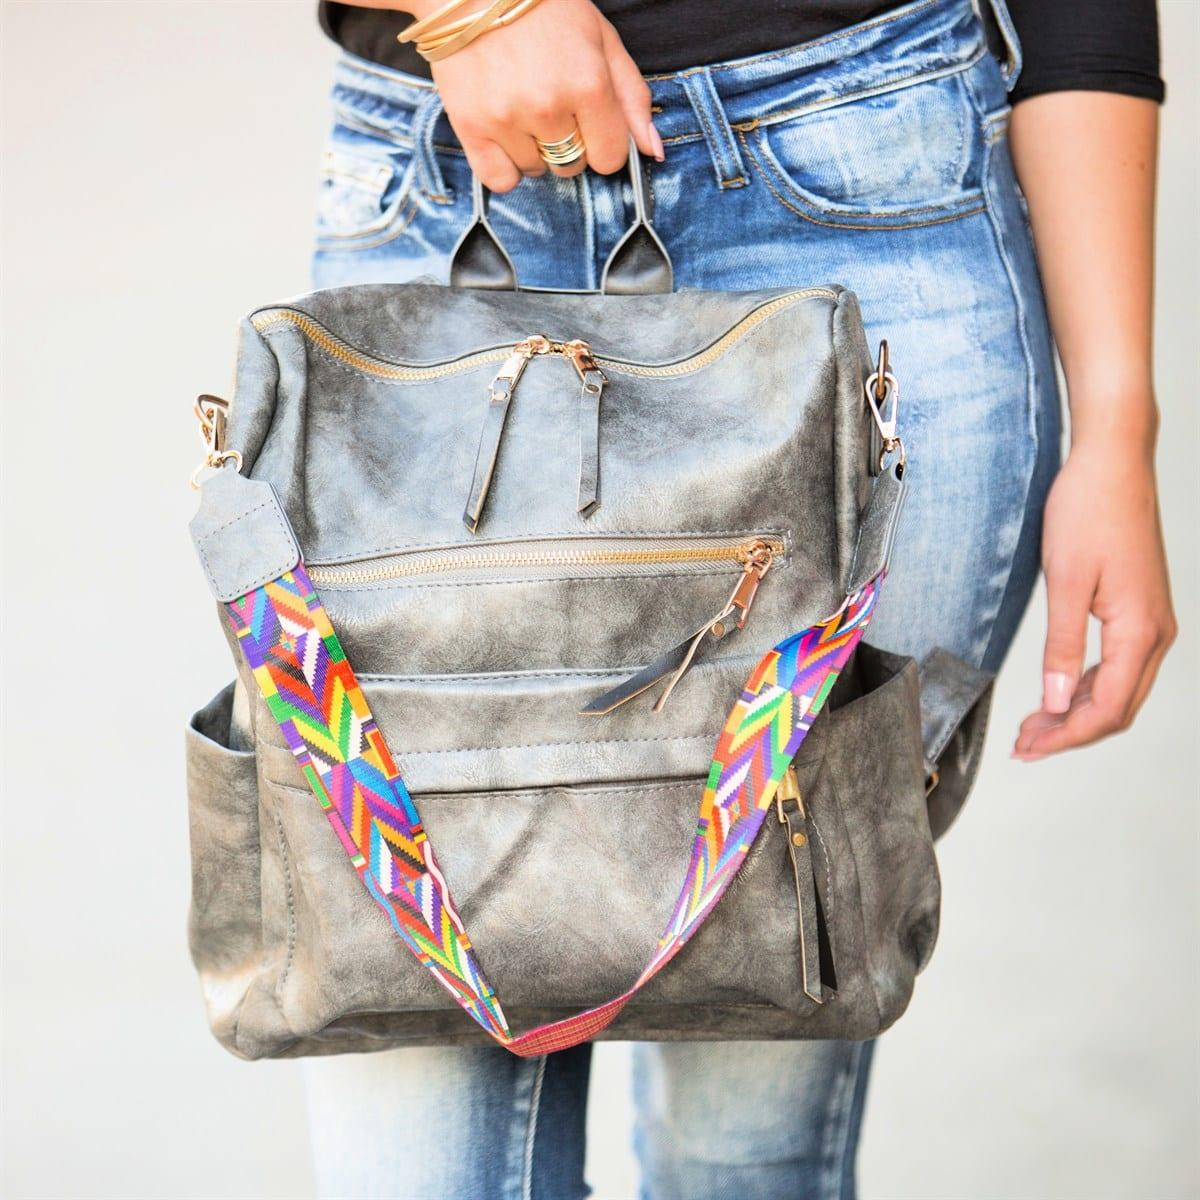 Washed Backpack Purse PU Women Leather DOM1404 Zipper Pocket School Travel Rucksack Pack Convertible Back Bag Ladies Bookbag Shoulder Wubbr